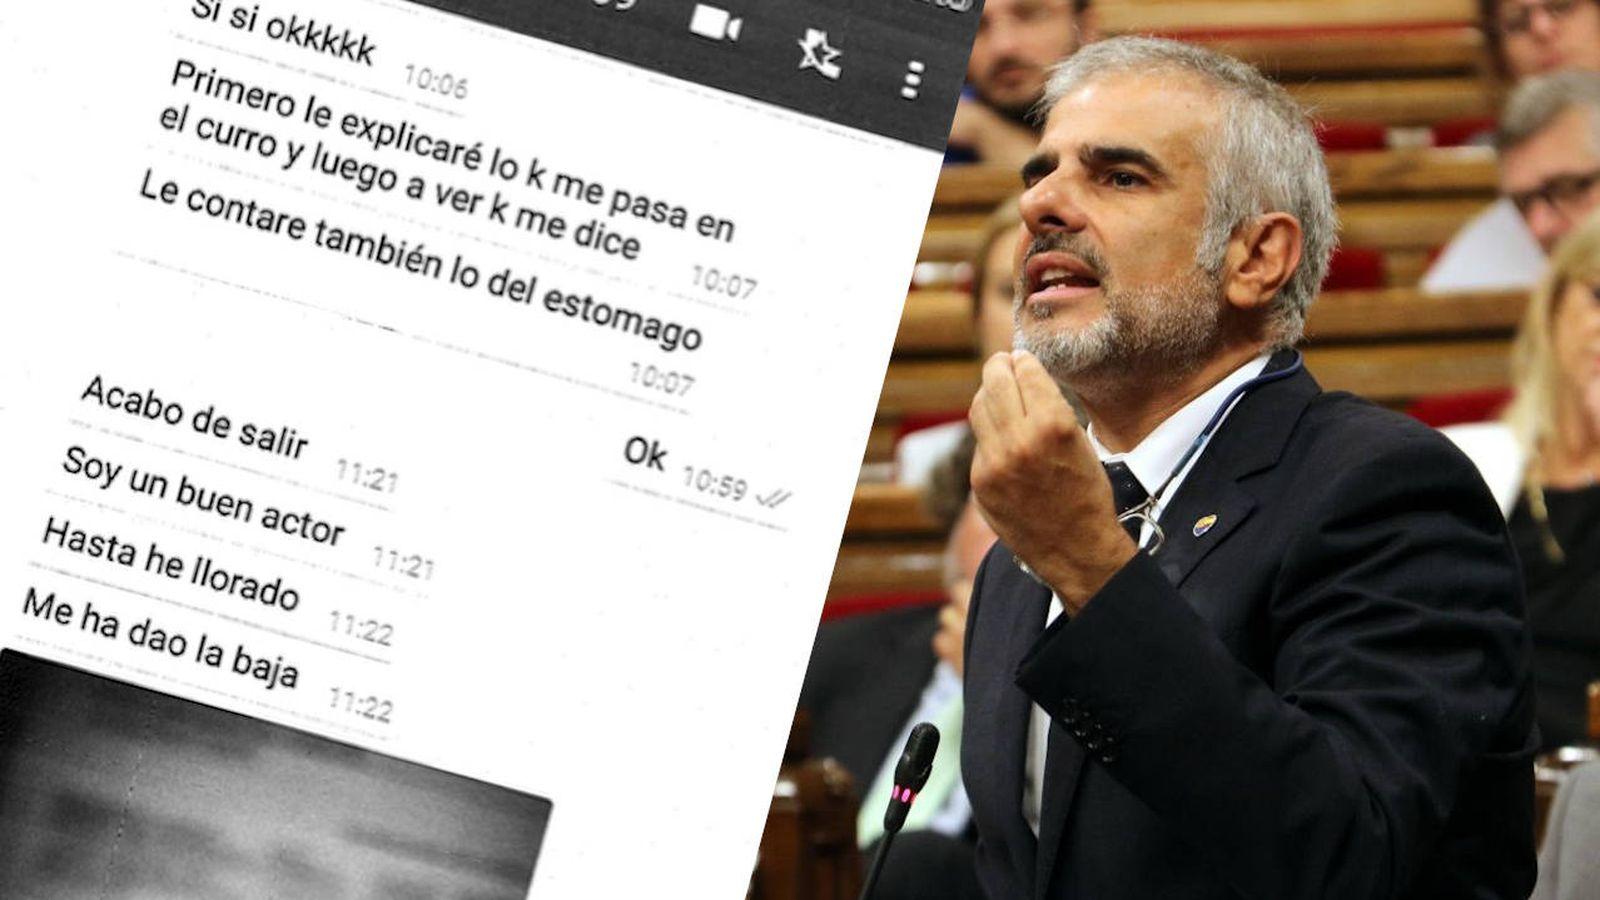 elconfidencial.com - Nuevo fuego en Ciudadanos: investigan por fraude a un diputado protegido por la cúpula